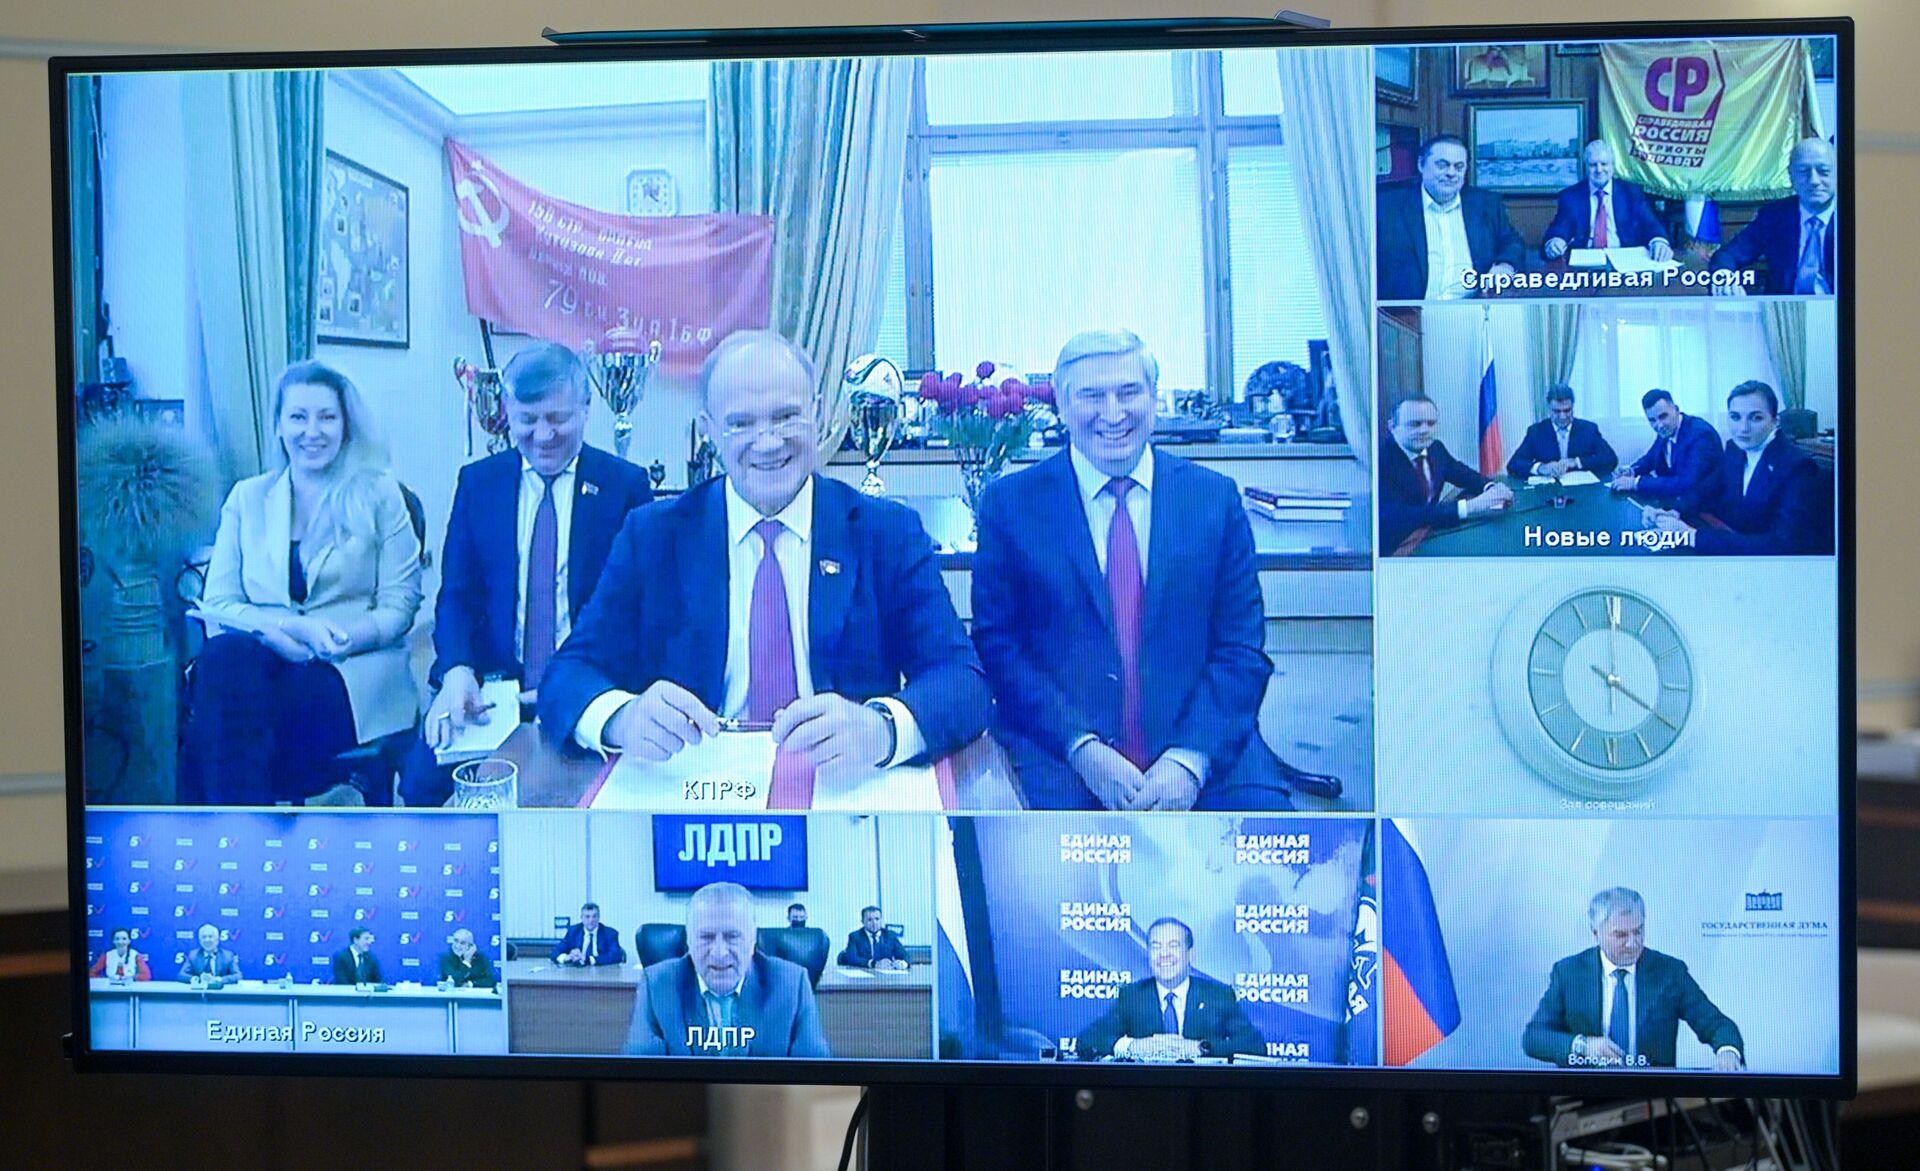 Сuộc họp với ban lãnh đạo các đảng phái chính trị gia nhập Duma Quốc gia - Sputnik Việt Nam, 1920, 05.10.2021